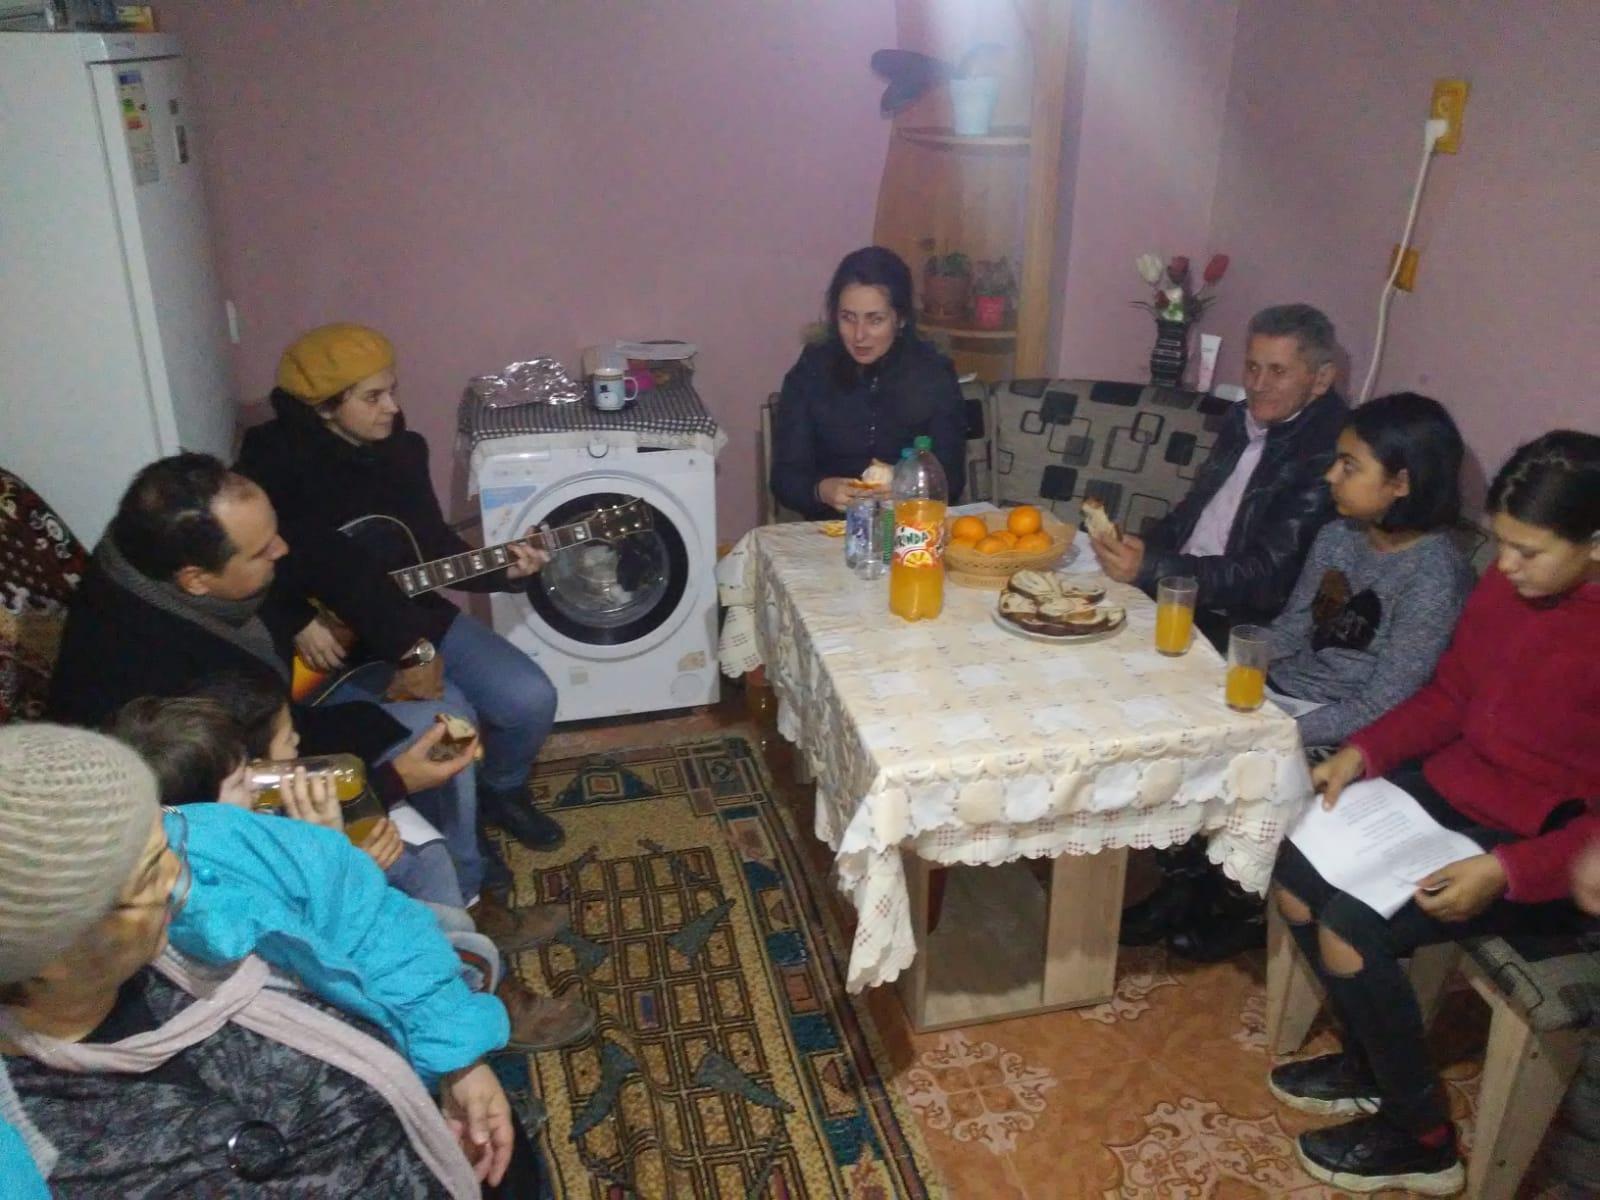 O întâlnire în cadrum grupul, în care ne bucurăm împreună în părtășie.